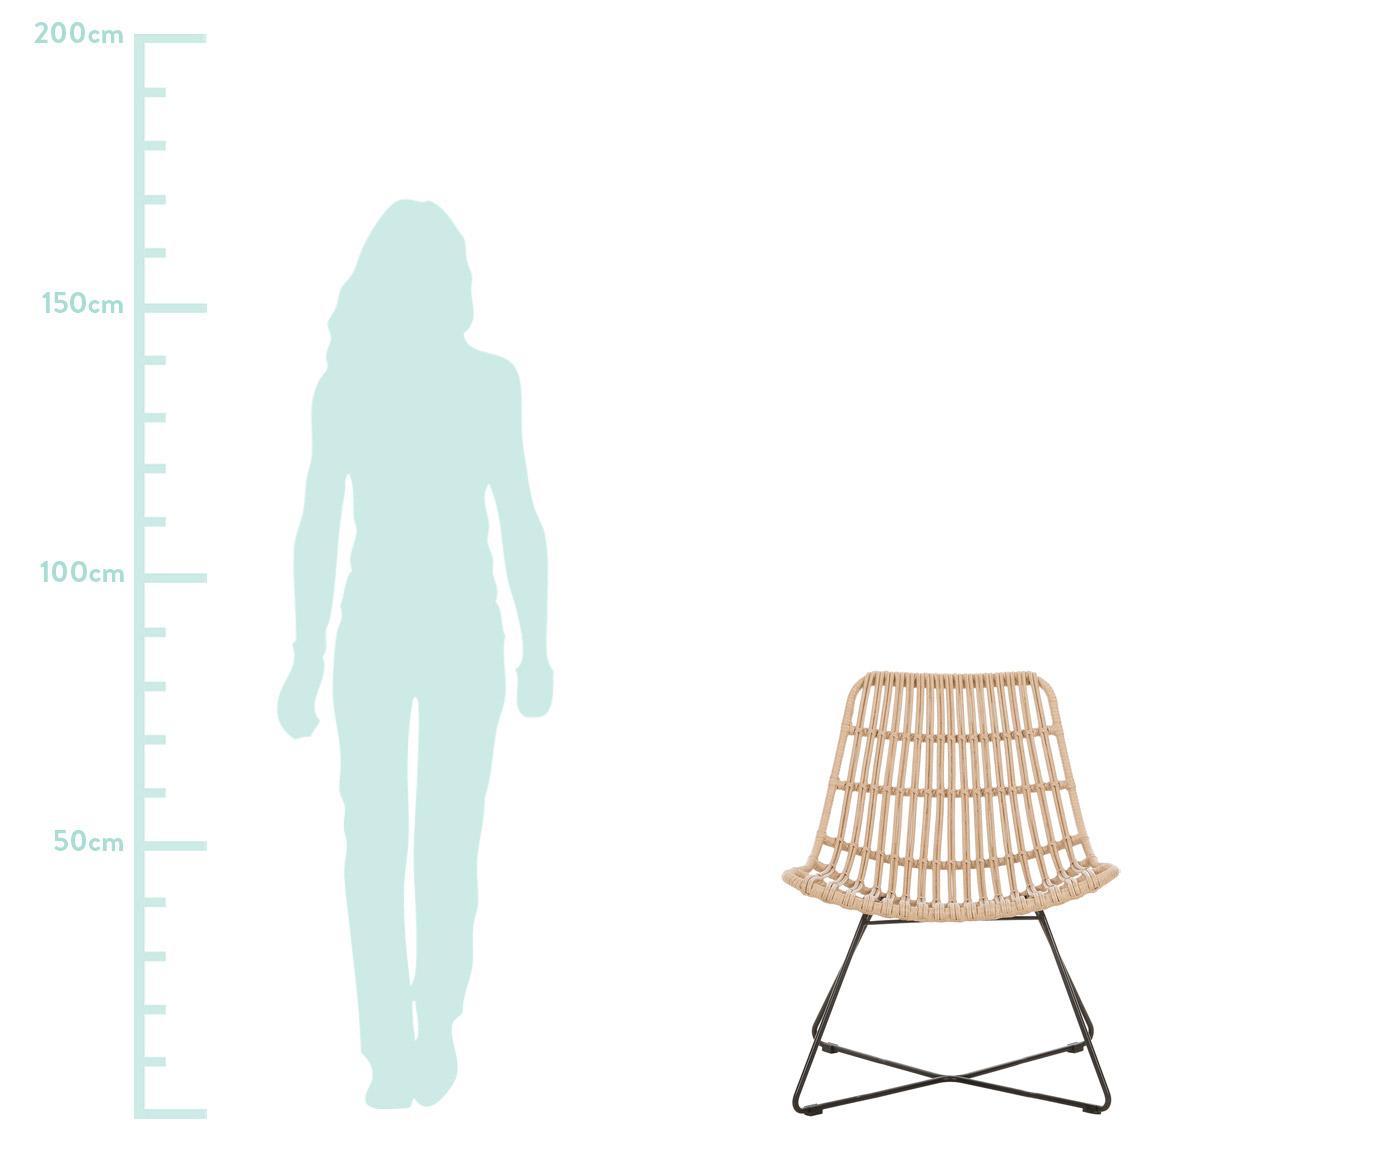 Sessel Costa mit Polyrattan, Sitzfläche: Polyethylen-Geflecht, Gestell: Metall, pulverbeschichtet, Hellbraun, B 64 x T 64 cm